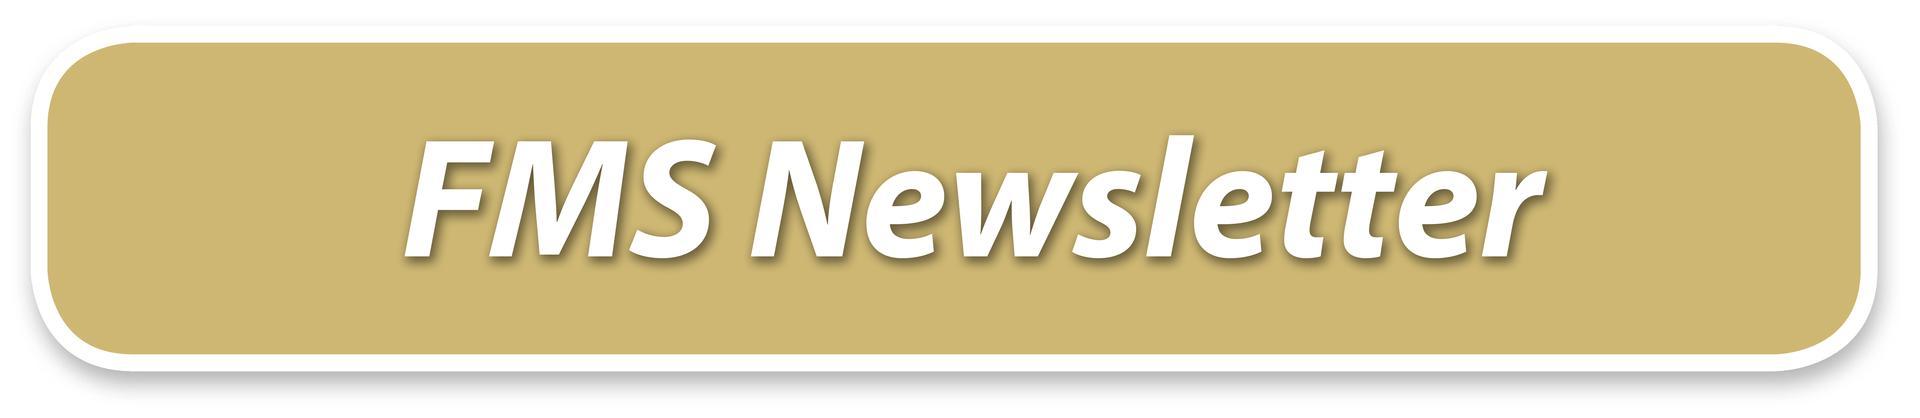 FMS Newsletter